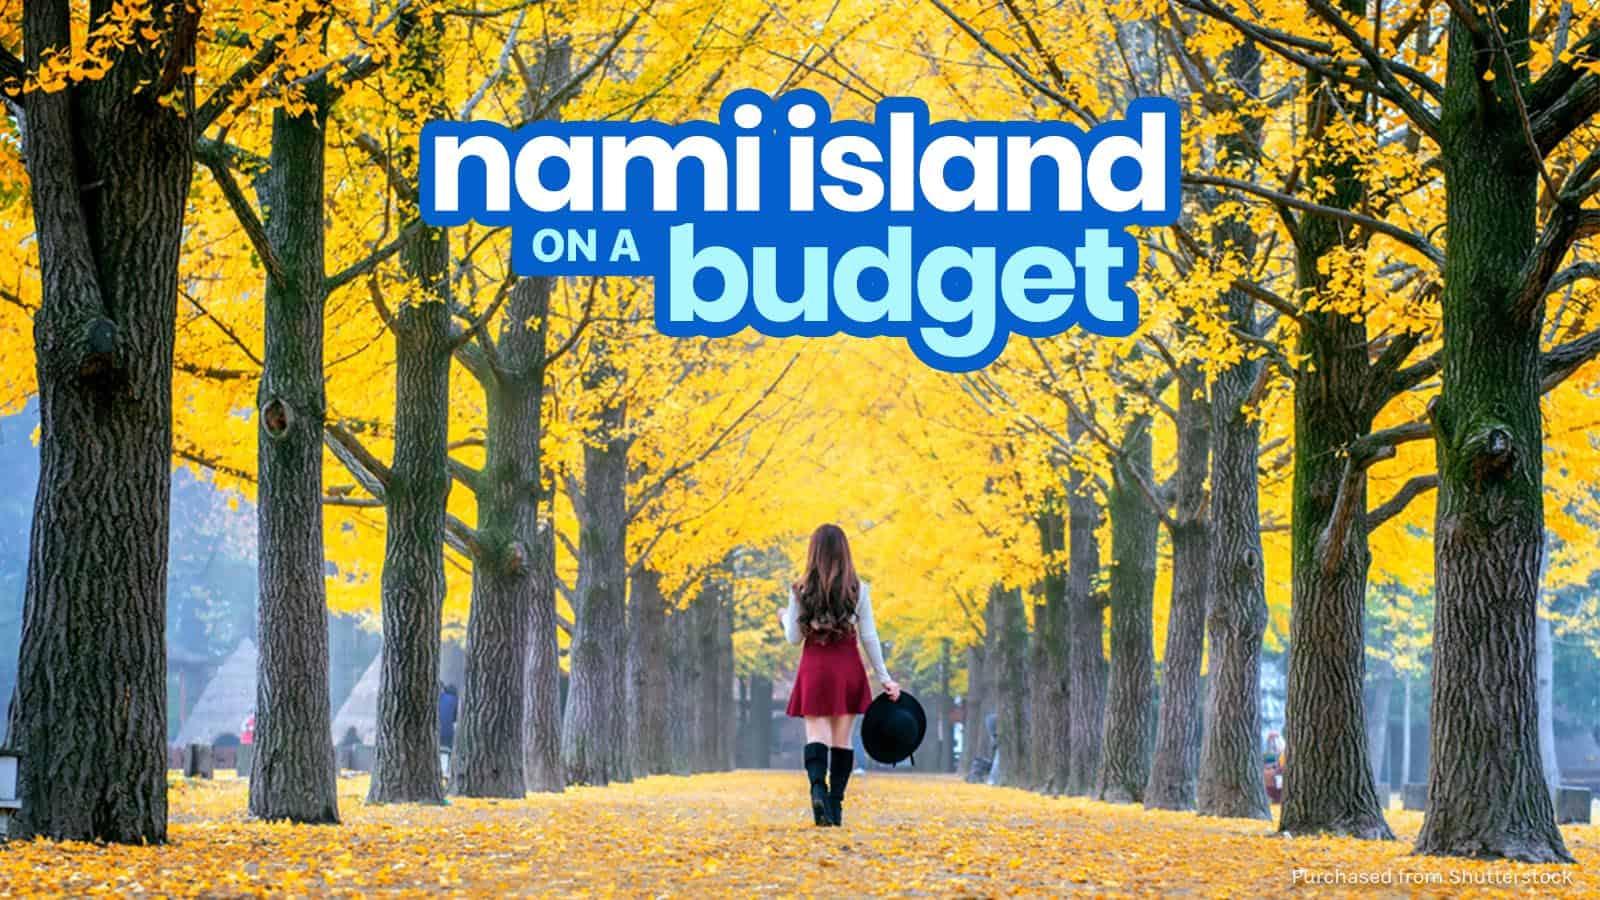 像我们大多数人一样,当娜美岛被用作《冬季奏鸣曲》的背景时,我才了解到它。